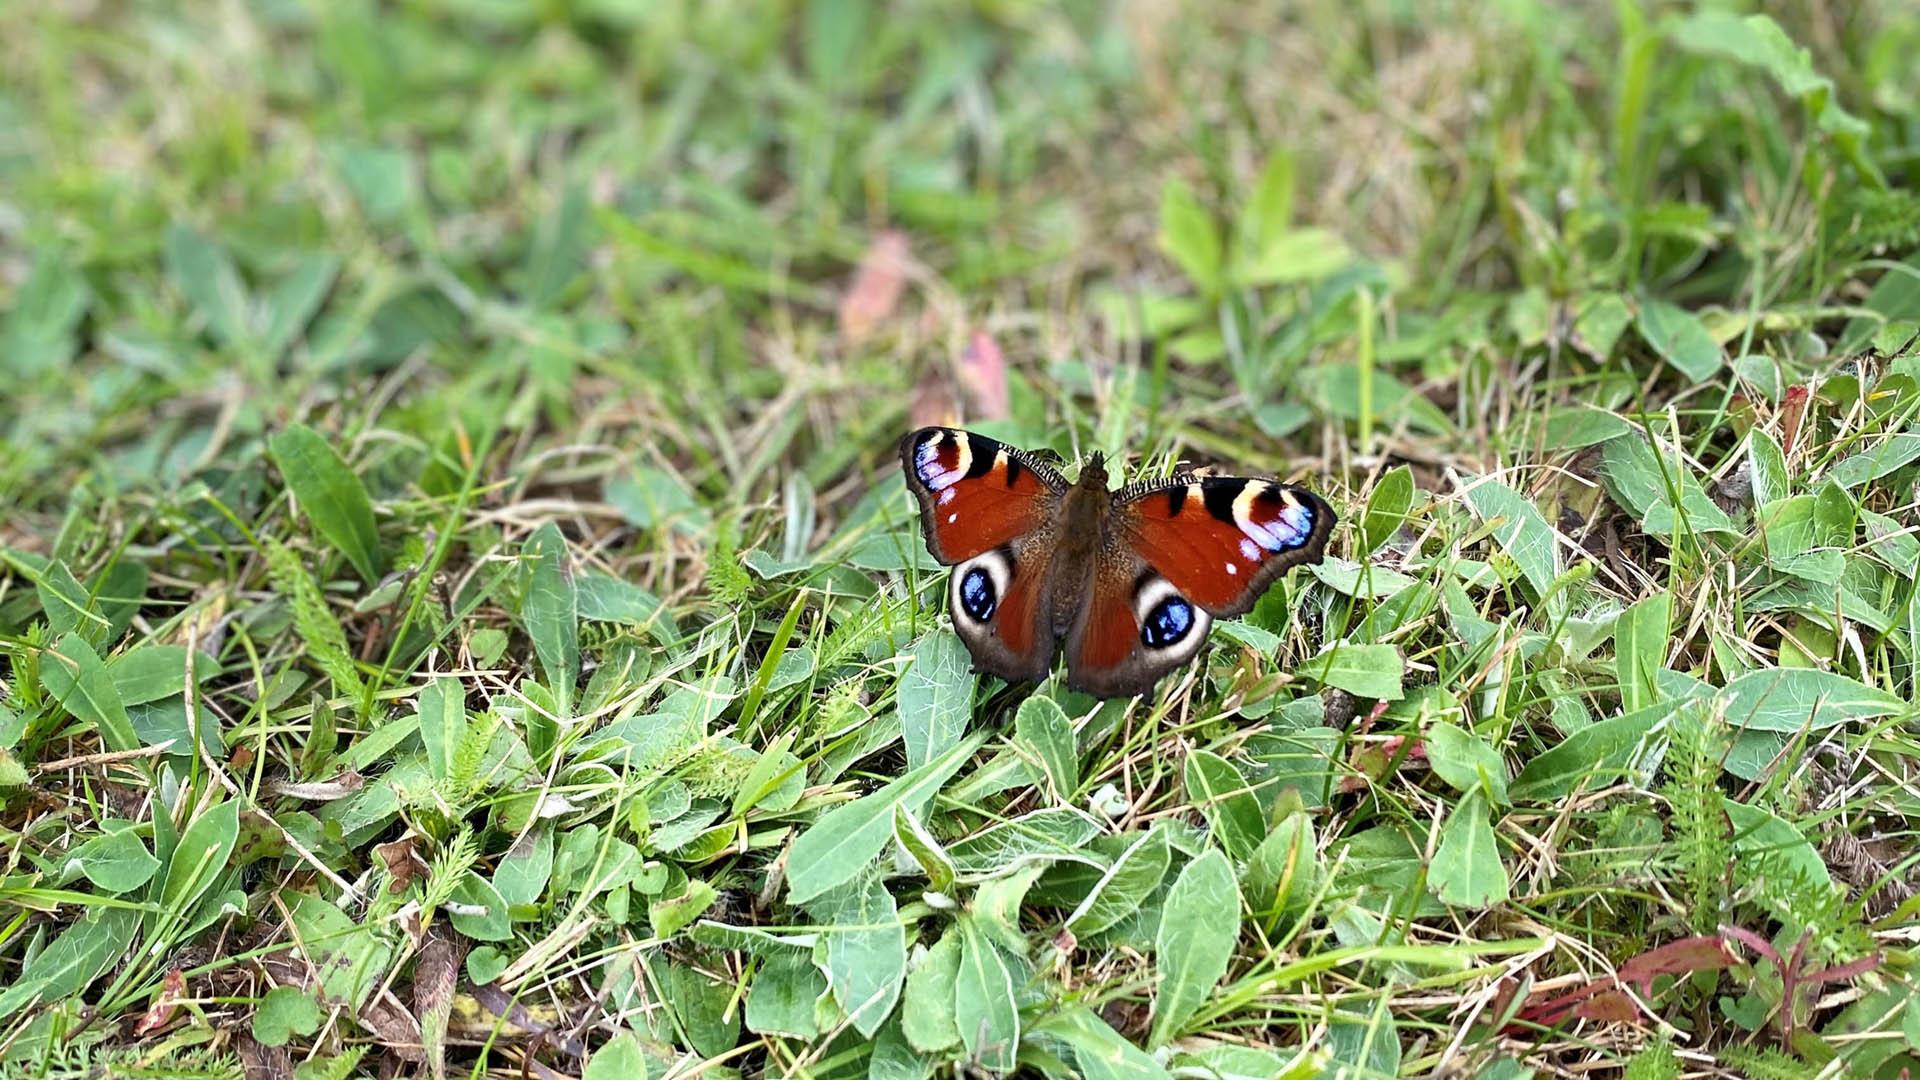 Fjäril i gräset i Grinduga naturstig.